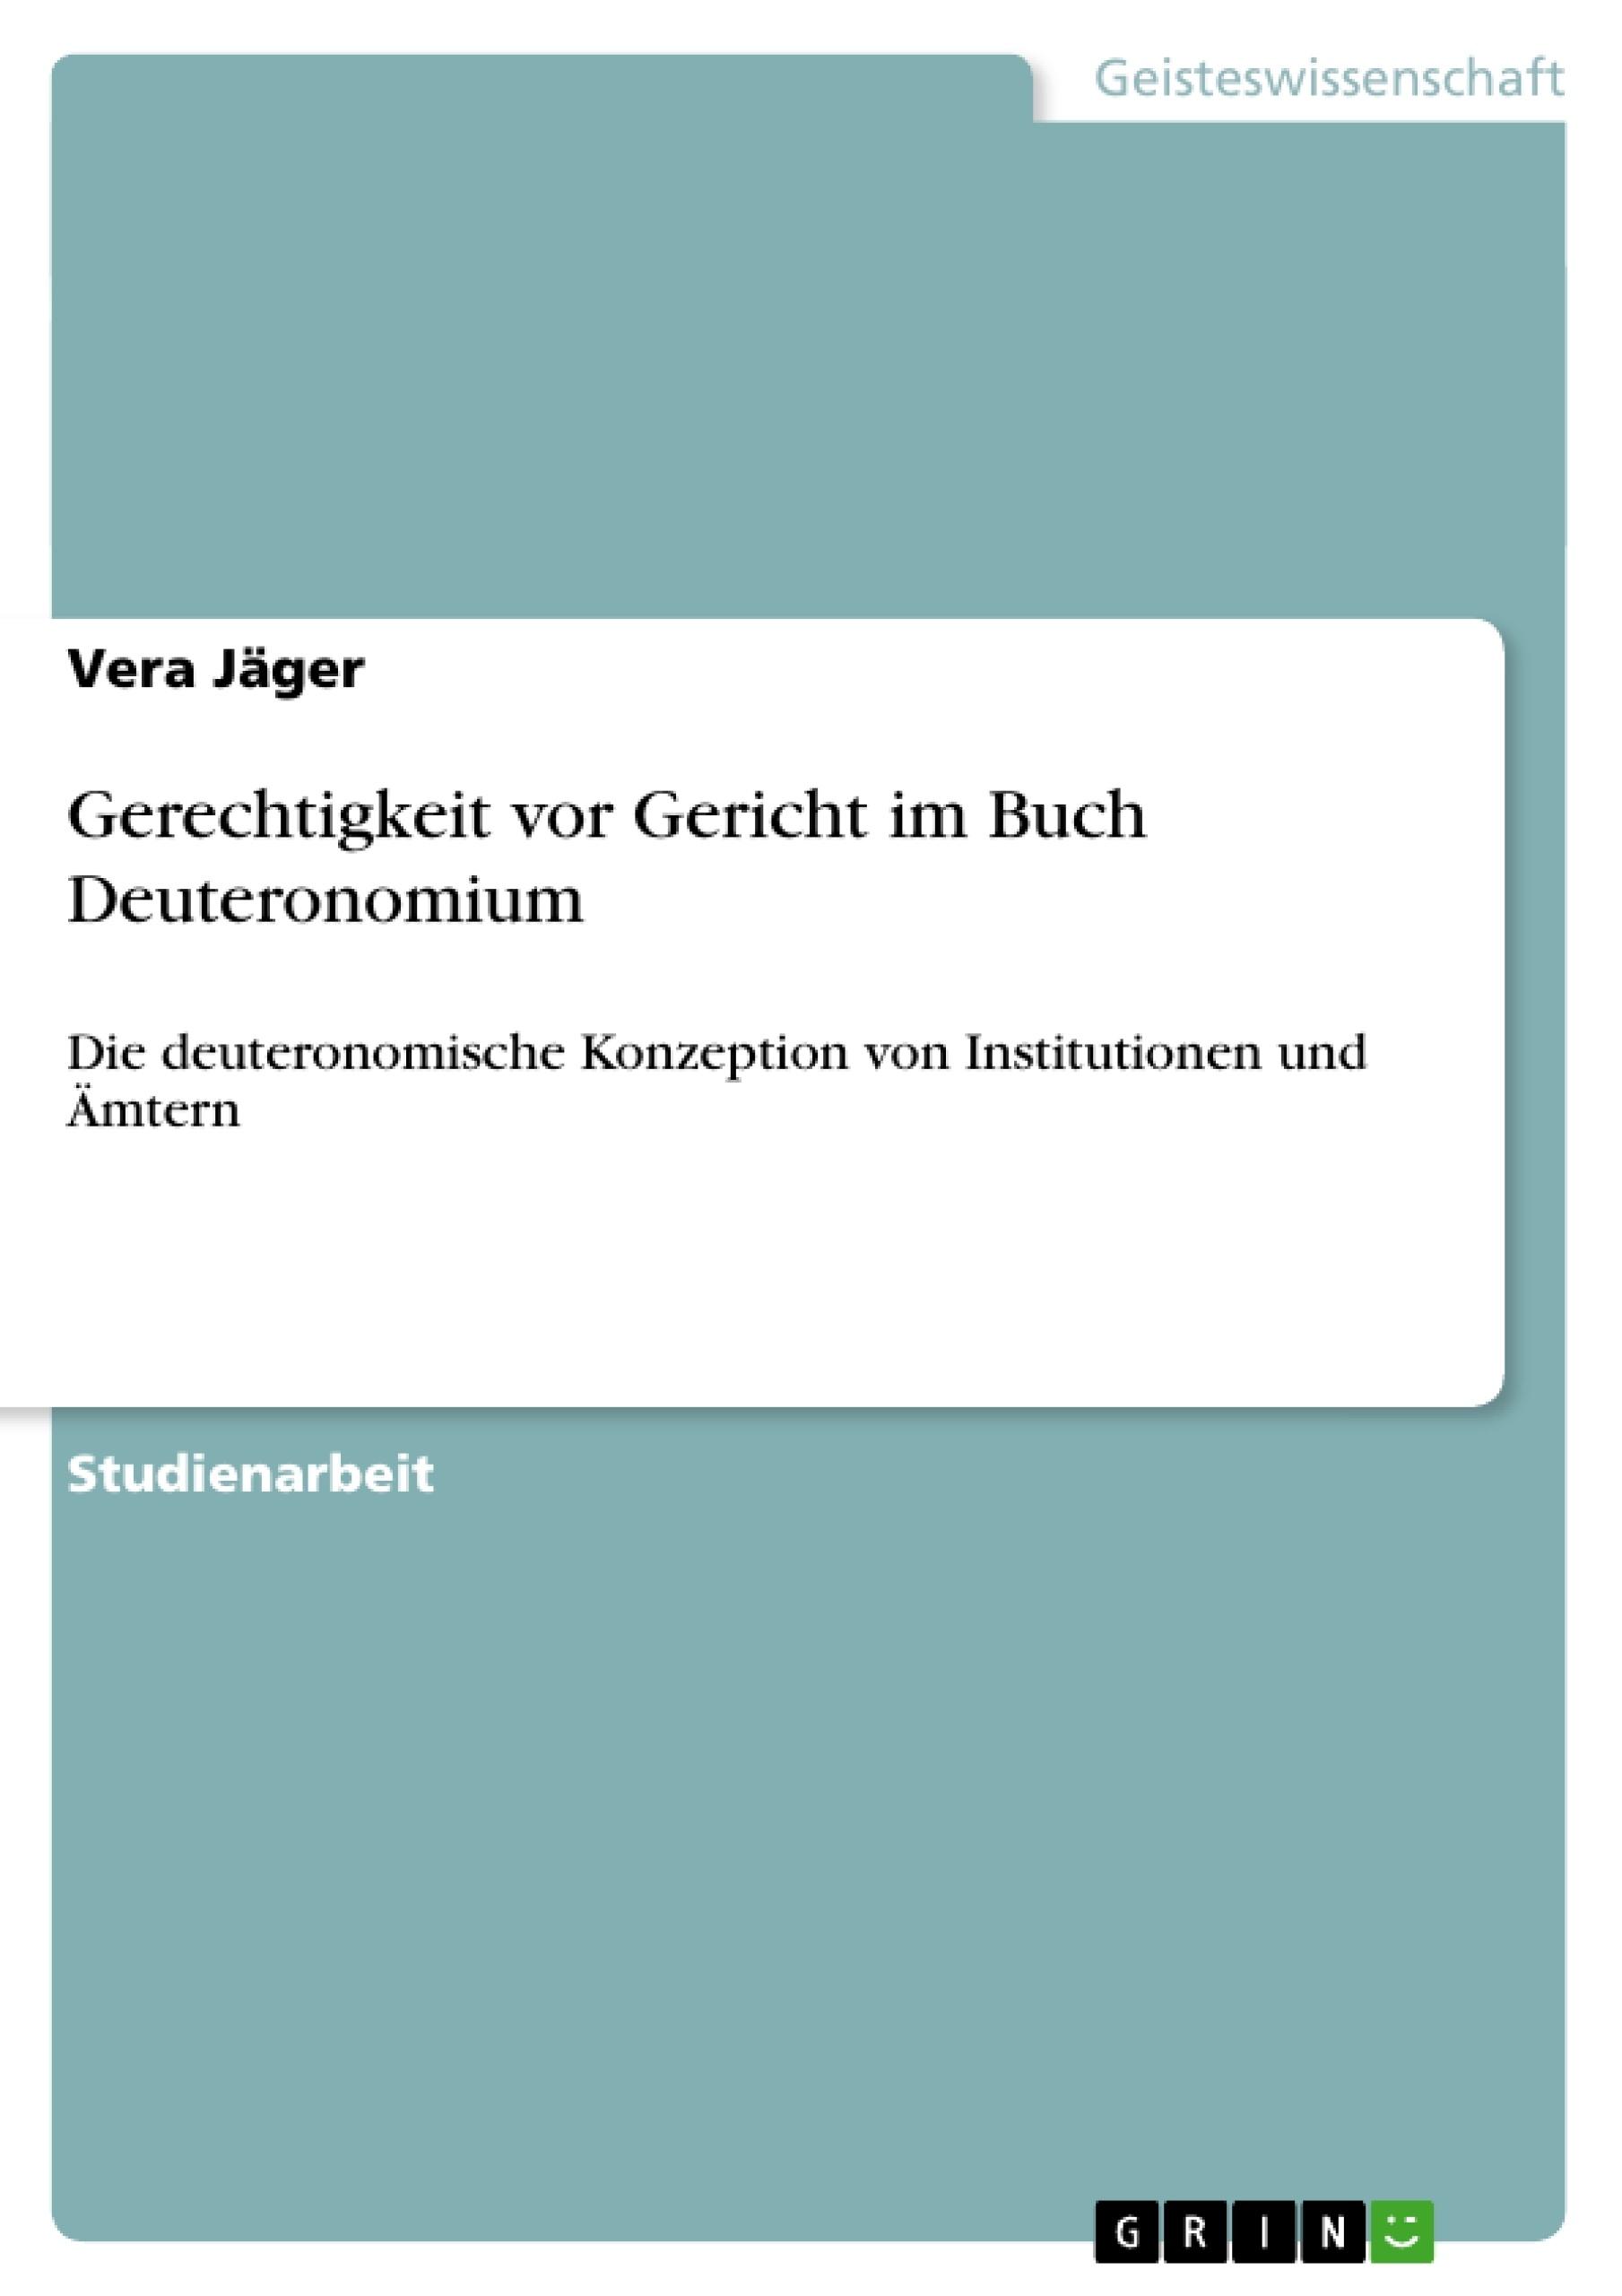 Titel: Gerechtigkeit vor Gericht im Buch Deuteronomium